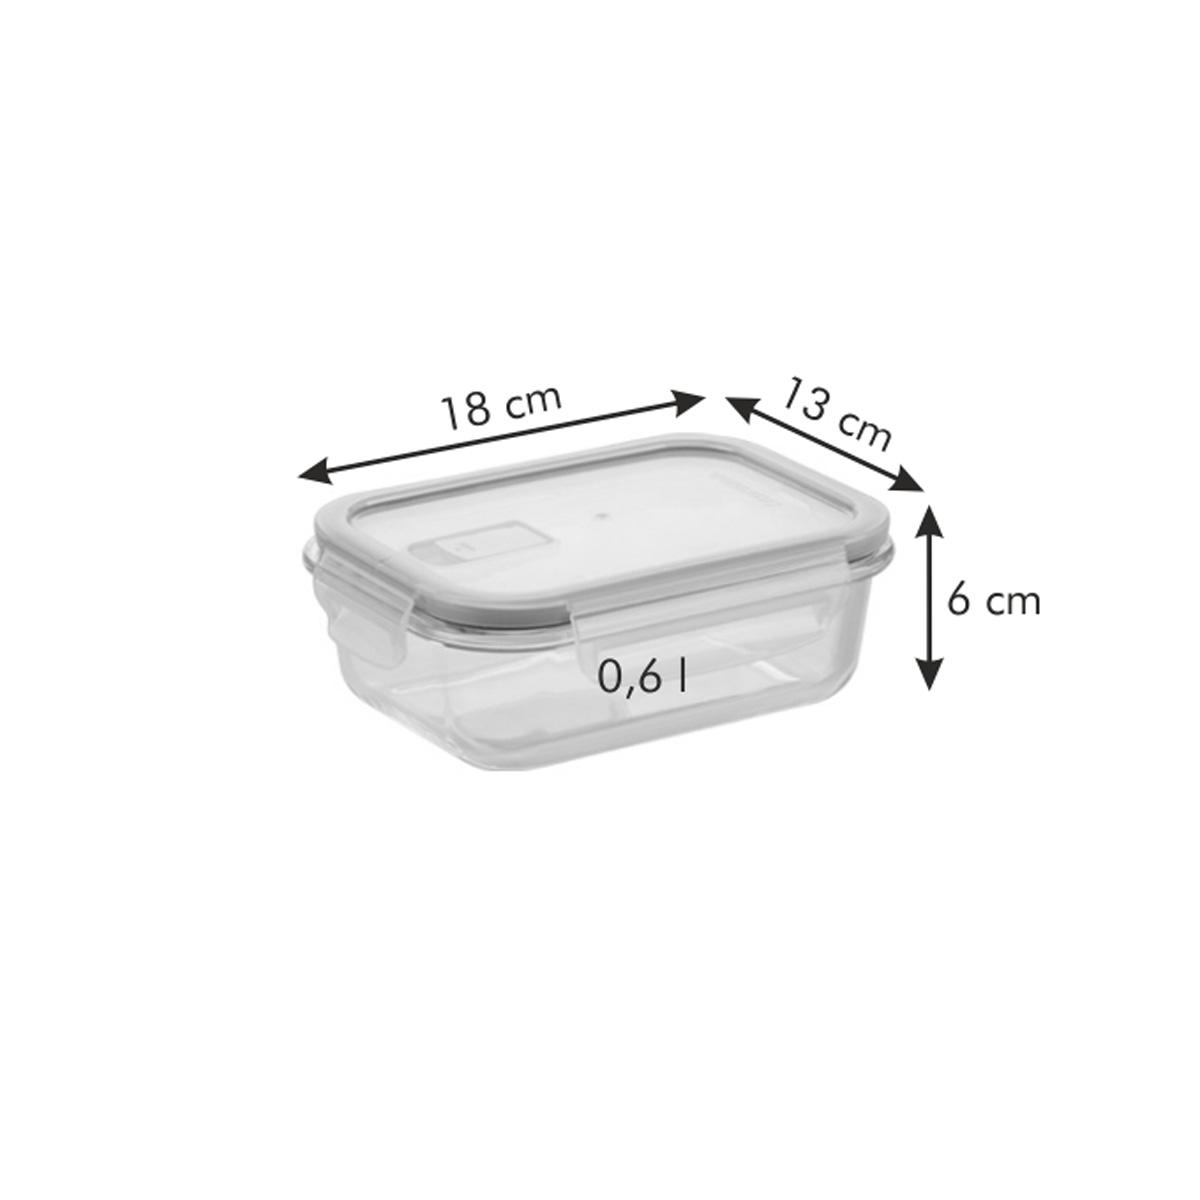 Dóza FRESHBOX GLASS 0.6 l, obdélníková